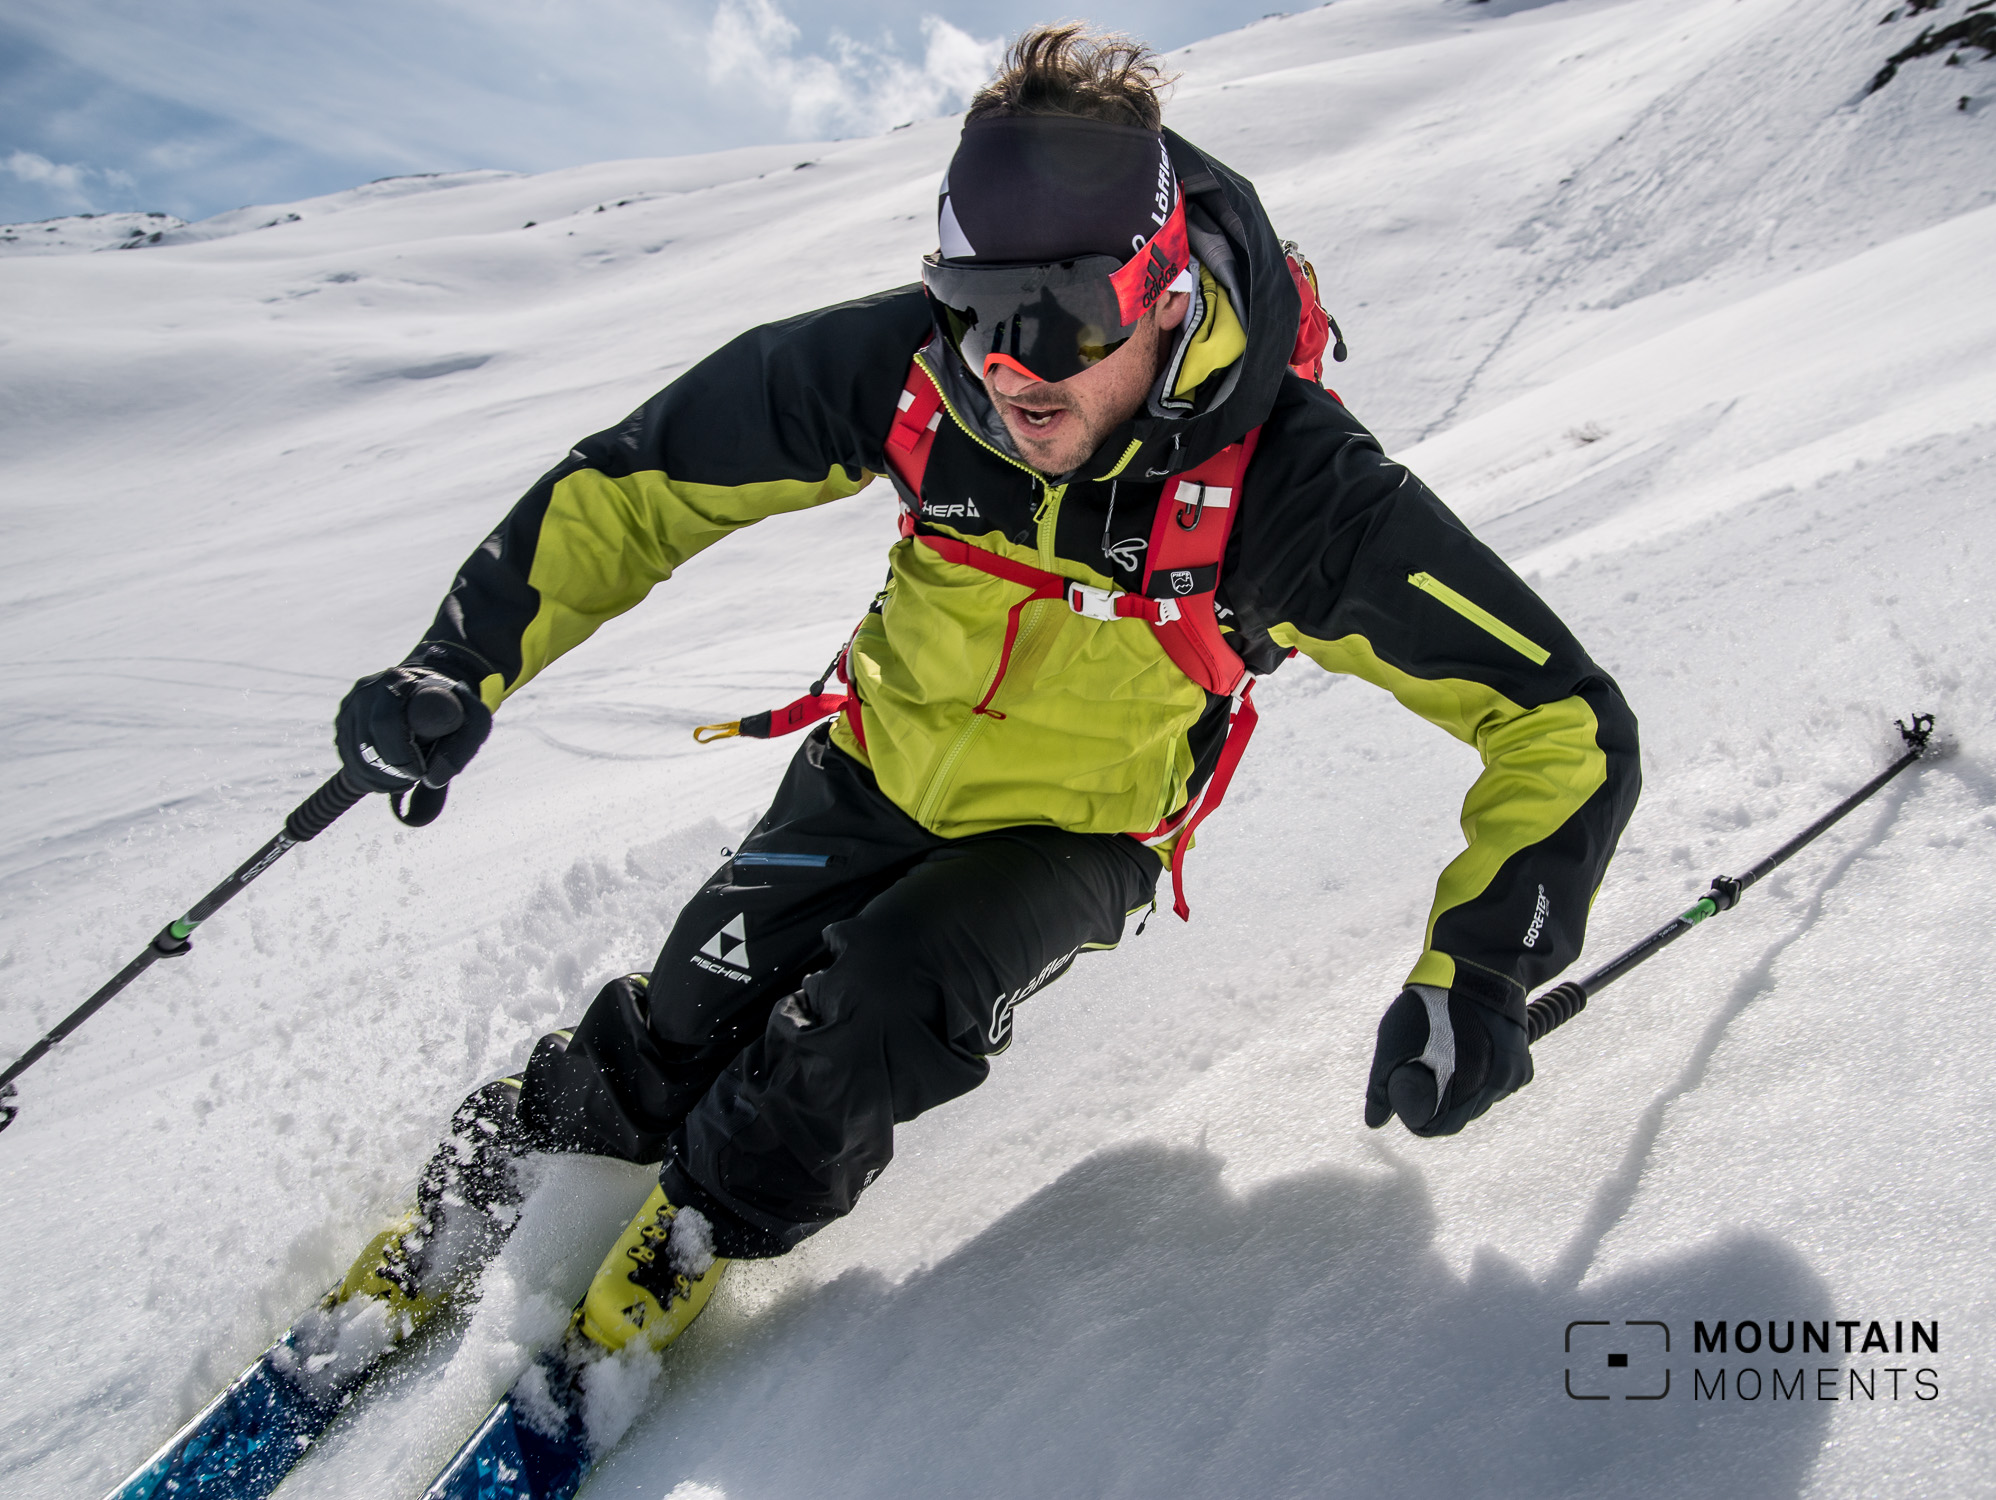 ski transalp, transalp auf ski, alpencross ski, fischer transalp, skitofotografie, skitouren fotografie, skitour photography, skitouring photography, transalp chamonix, transalp westalpen, ski transalp westalpen, crossing alps ski, chamonix skitour, aosta skitour